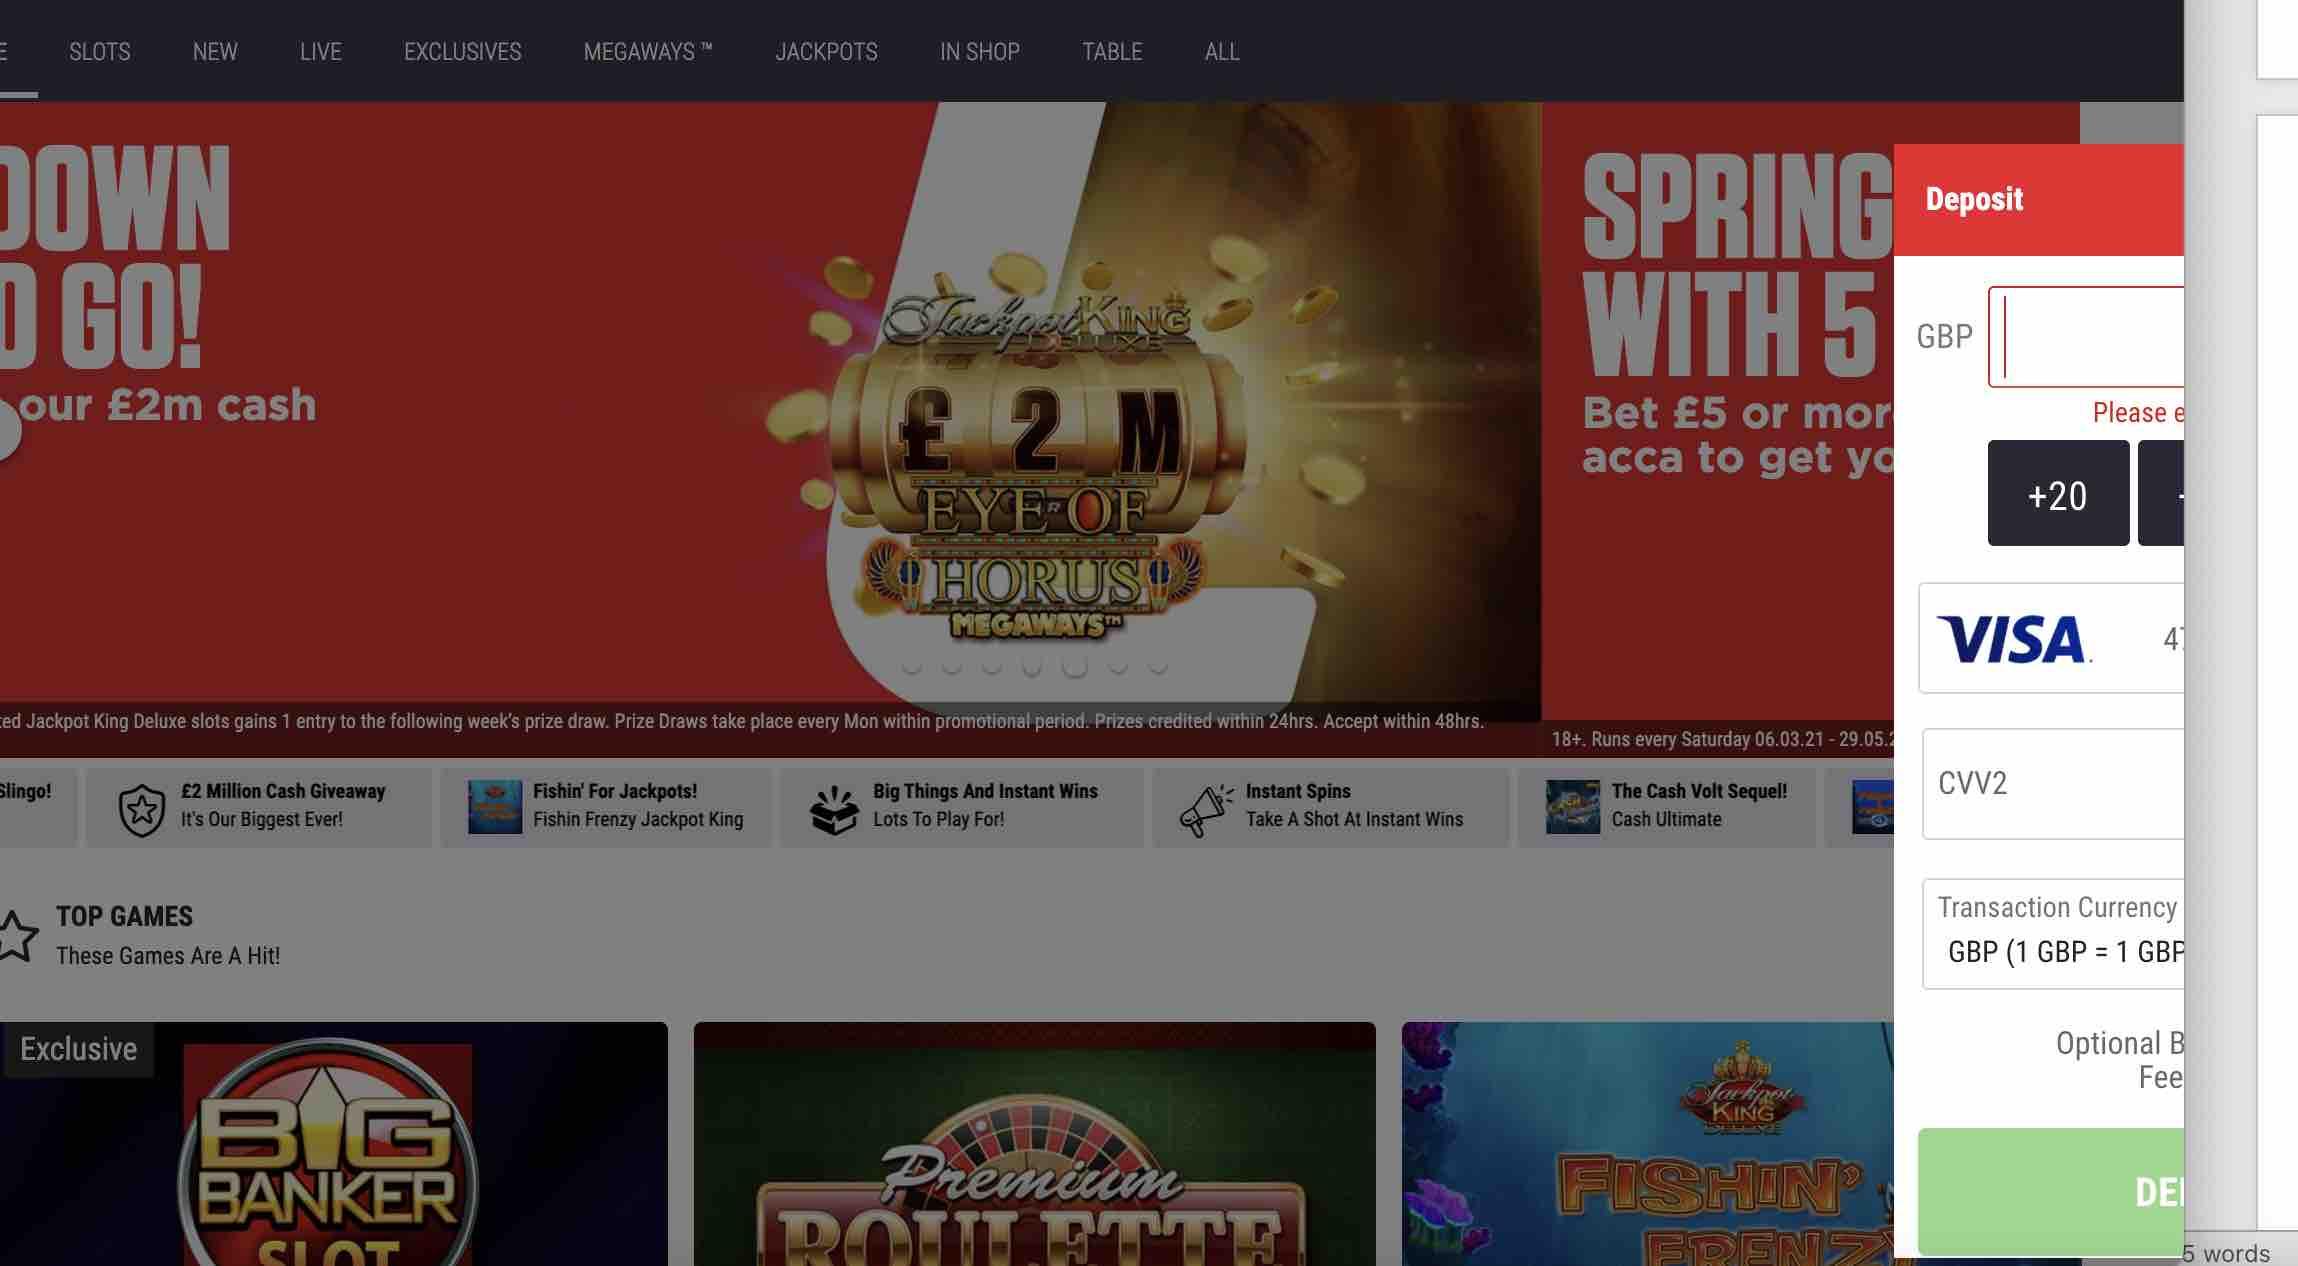 Deposit Issues at Ladbrokes Casino